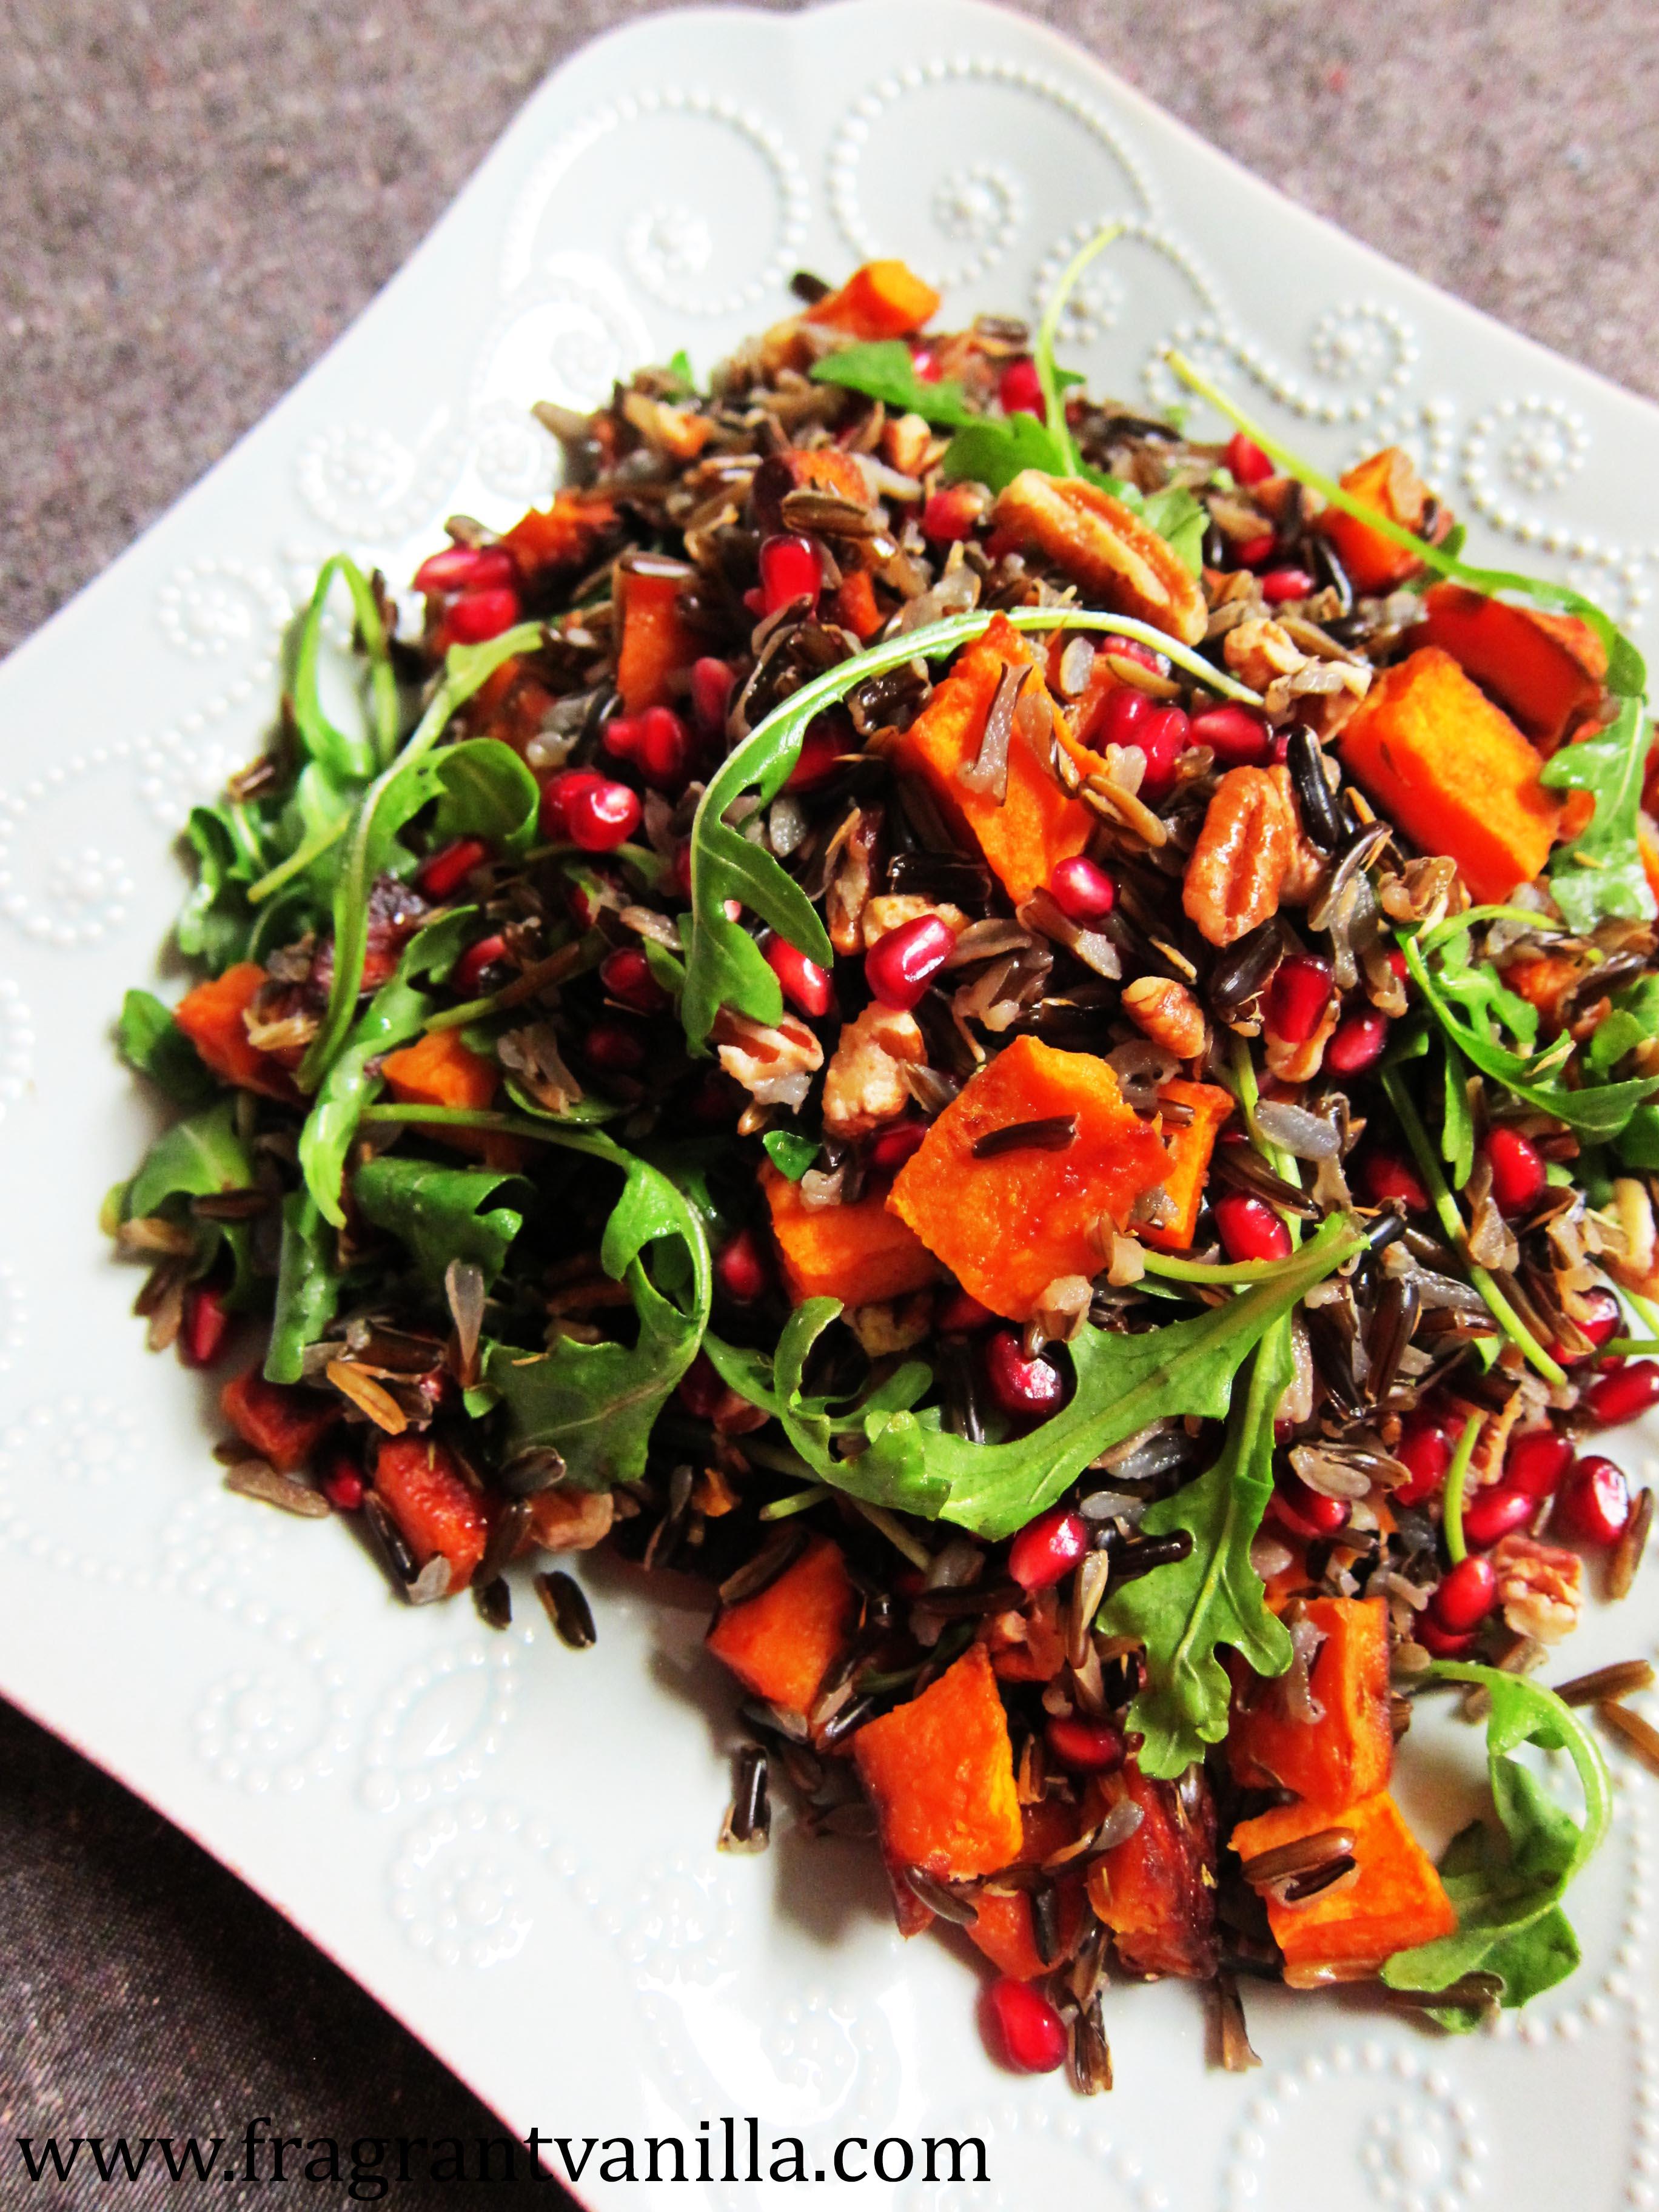 Roasted Sweet Potato Wild Rice Salad